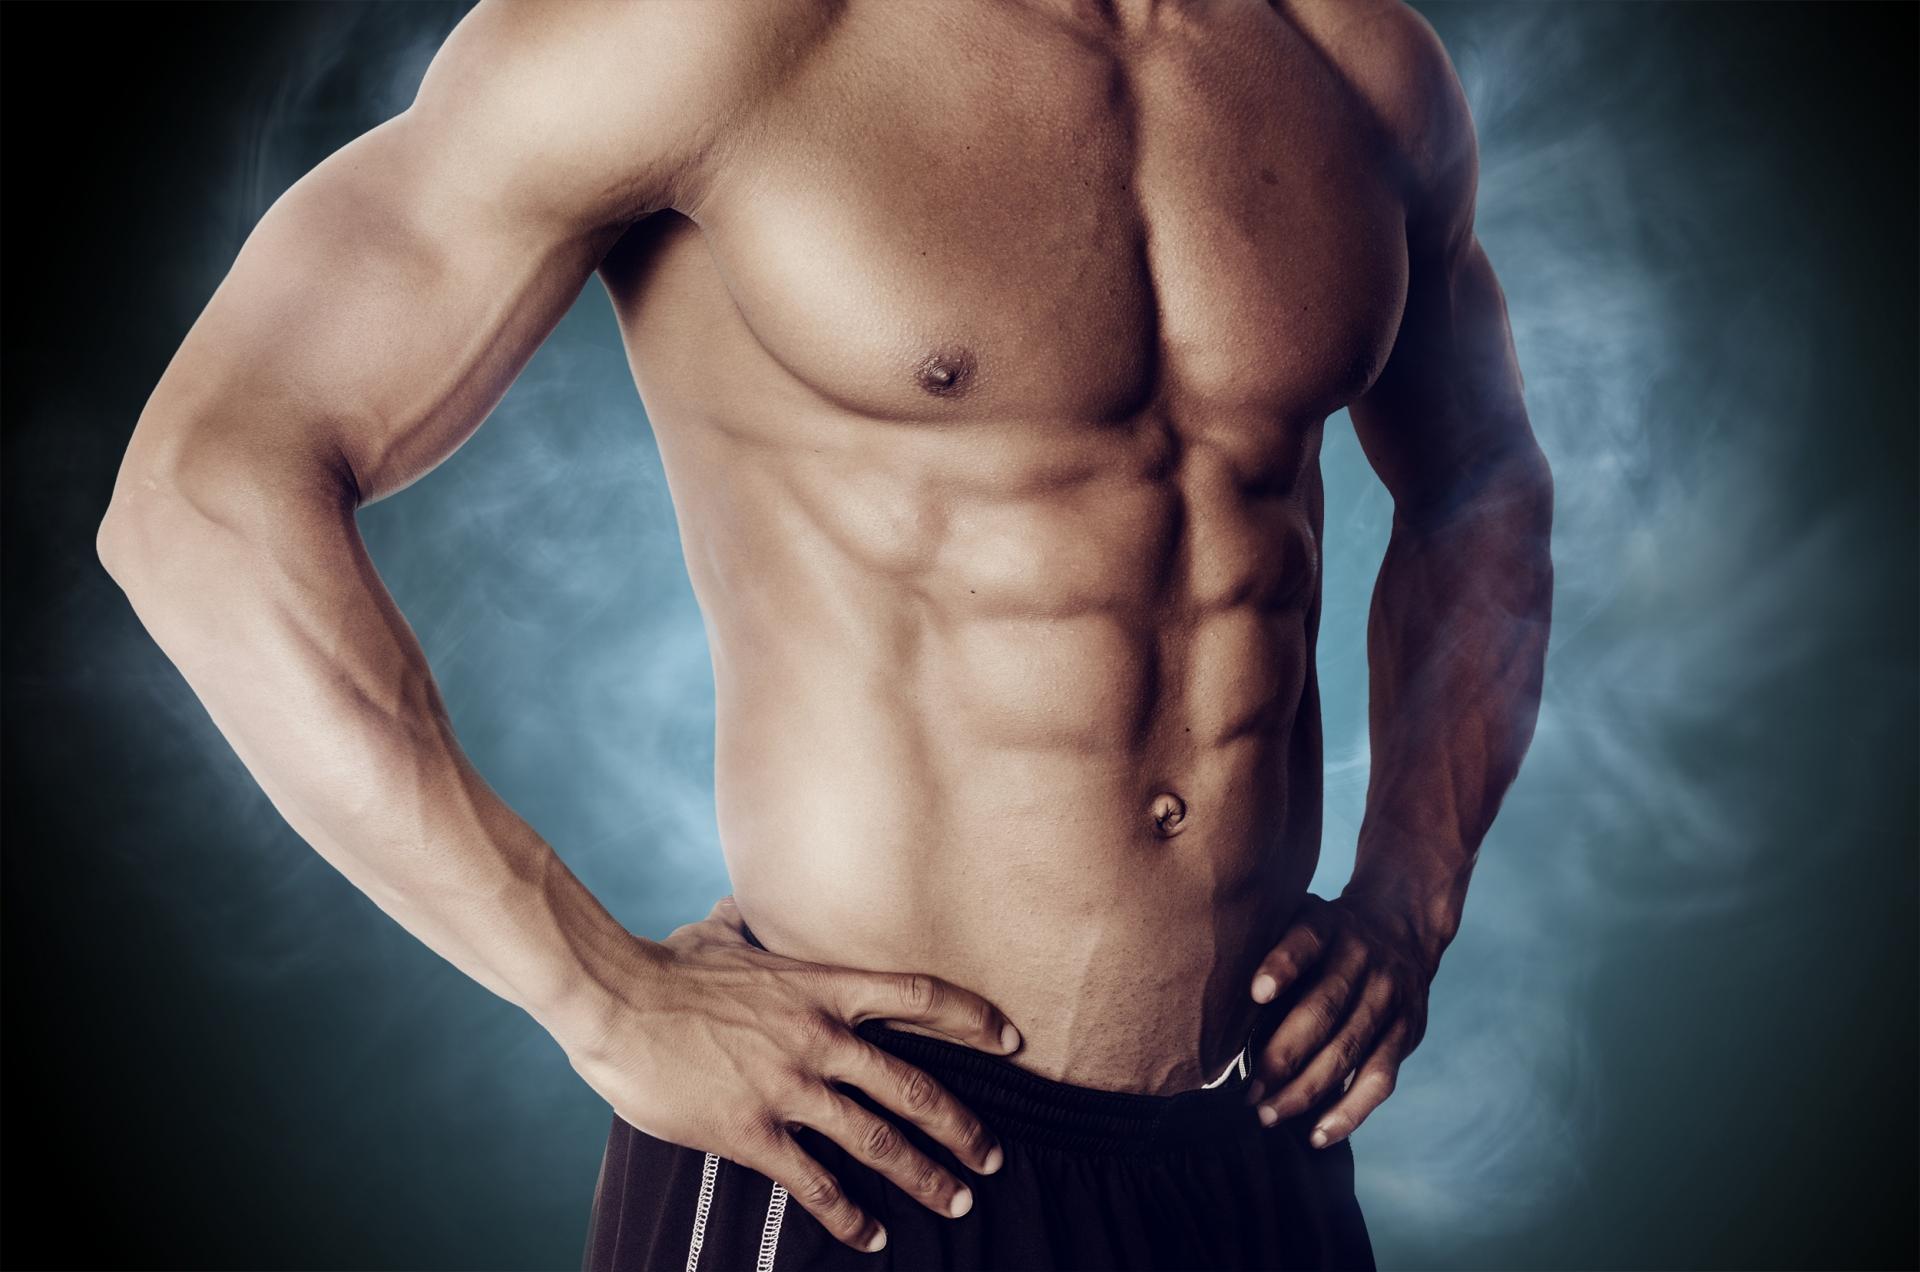 筋肉はなぜ震える?筋トレ中や後に震える理由を解説します